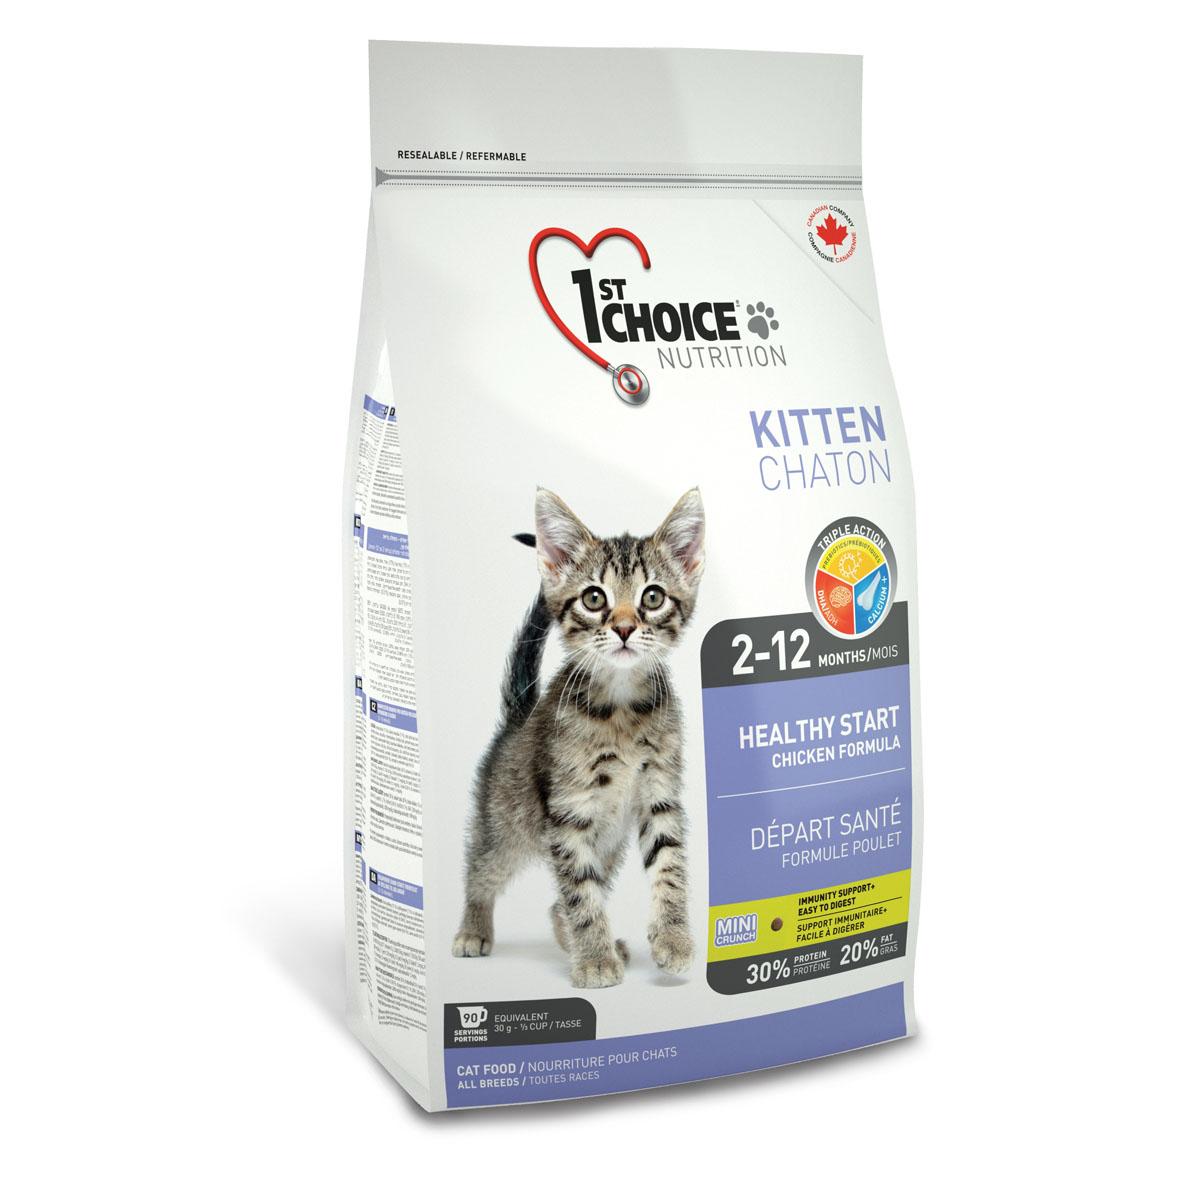 Корм сухой 1st Choice Kitten для котят, с курицей, 350 г56660Сухой корм 1st Choice Kitten идеальная формула для начального прикорма котенка с 2 месяцев, когда он нуждается в новых источниках питания вместо материнского молока. При этом нет необходимости разделять котенка с мамой. Корм содержит все необходимое не только для растущего организма, но и для беременных и кормящих кошек. Оптимальное питание для старта в здоровую жизнь! Мелкие гранулы легко усваиваются в организме котенка,укрепляя иммунитет, полученный от матери. Входящий в состав жир лосося - самый лучший источник DHA (докозагексаеновой кислоты), которая обеспечивает оптимальное развитие центральной нервной системы, головного мозга и зрения.Пребиотики поддерживают иммунитет и способствуют хорошему пищеварению, кальций - правильному развитию костной системы котёнка. DHA развивает центральную нервную систему, головной мозг и зрение.Ингредиенты: свежая курица 17%, мука из мяса курицы 17%, рис, куриный жир, сохраненный смесью натуральных токоферолов (витамин Е), гороховый протеин, сушеное яйцо, мука из американской сельди (менхаден), коричневый рис, специально обработанные ядра ячменя и овса, гидролизат куриной печени, мякоть свеклы, клетчатка гороха, цельное семя льна, жир лосося (источник DHA), сушеная мякоть томата, калия хлорид, лецитин, холина хлорид, соль, кальция пропионат, кальция карбонат, экстракт дрожжей (источник маннан-олигосахаридов), таурин, натрия бисульфат, DL-метионин, экстракт цикория (источник инулина), железа сульфат, аскорбиновая кислота (витамин С), L-лизин, цинка оксид, натрия селенит, альфа-токоферол ацетат (витамин Е), никотиновая кислота, экстракт юкки Шидигера, кальция иодат, марганца оксид, D-кальция пантотенат, тиамина мононитрат, рибофлавин, пиридоксина гидрохлорид, витамин А, холекальциферол (витамин Д3), цинка протеинат, биотин, сушеная мята 0,01%, сушеная петрушка 0,01%, экстракт зеленого чая 0,01%, марганца протеинат, витамин В12, кобальта карбонат, фолиевая кислота, меди про